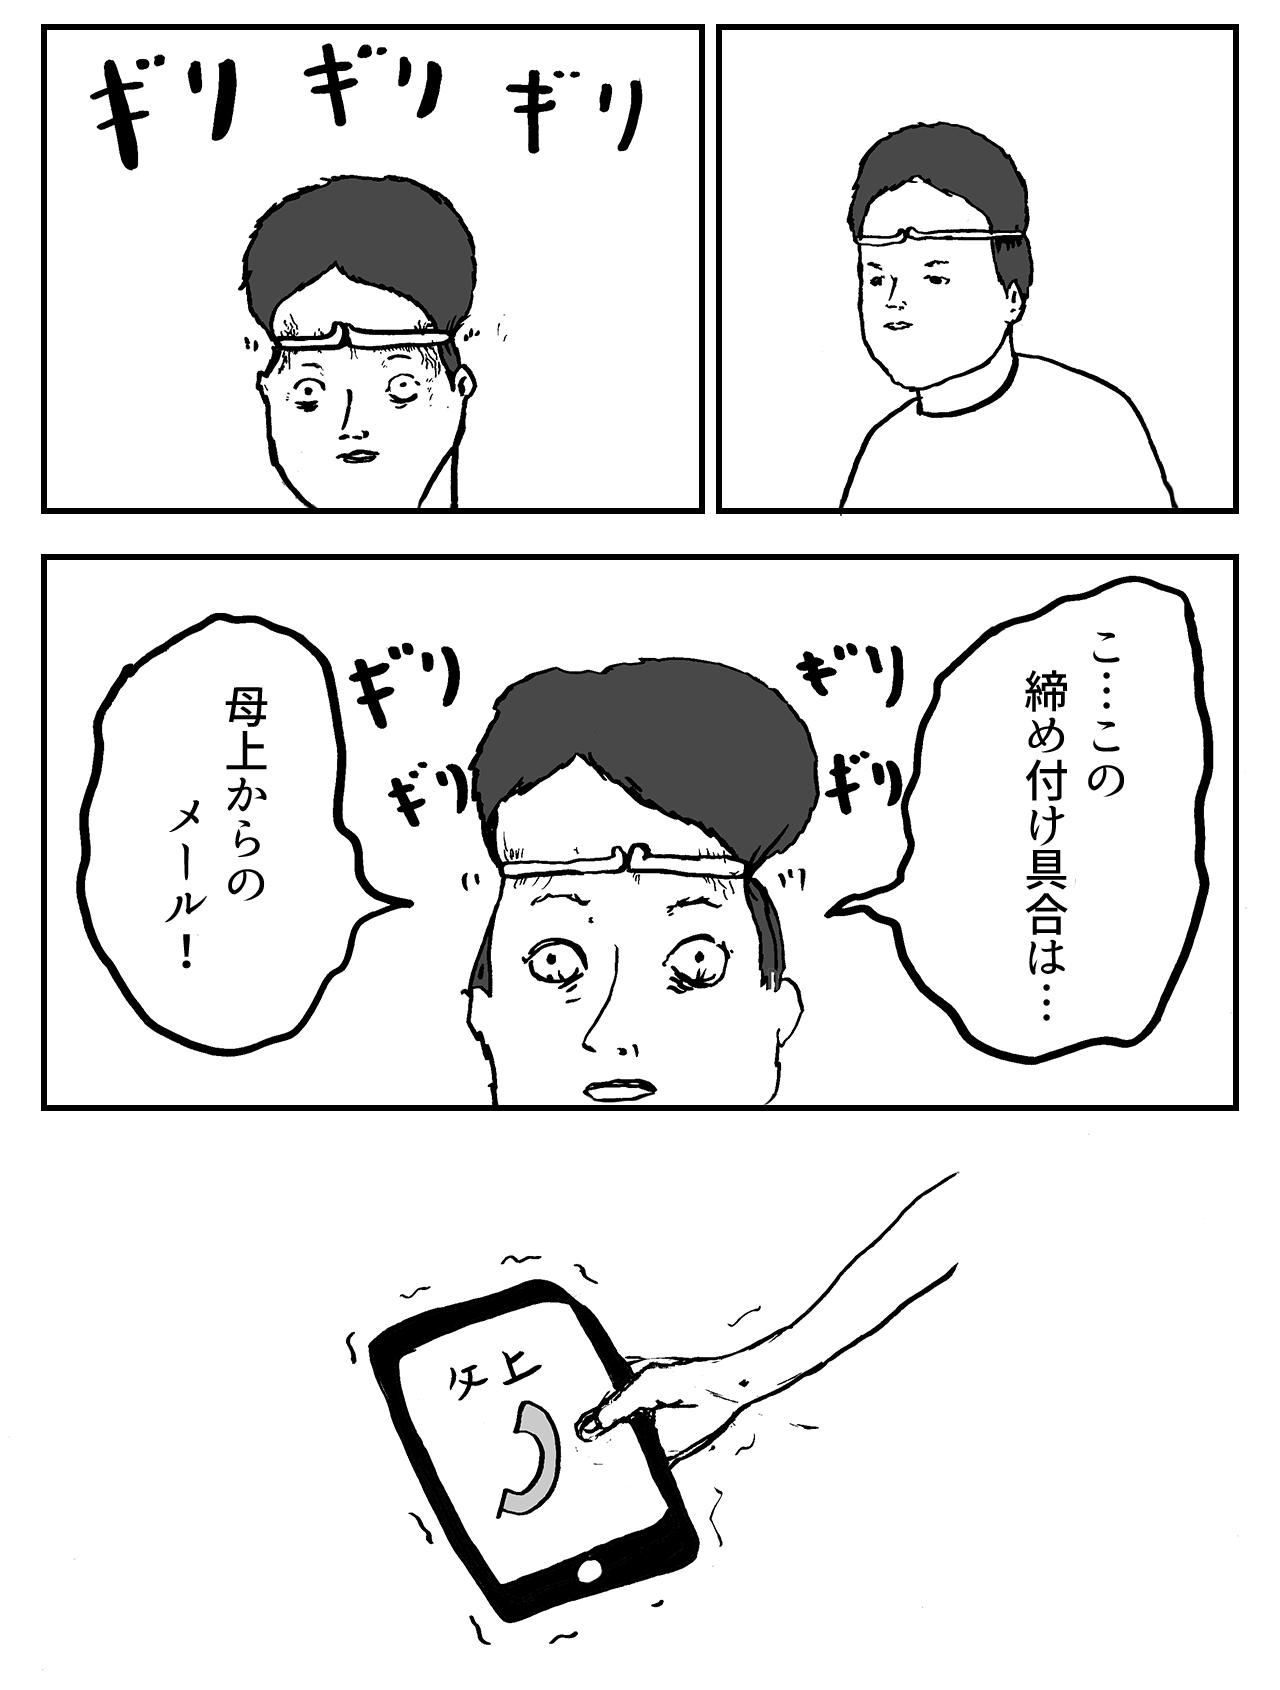 ウェアラブル端末(輪っか)